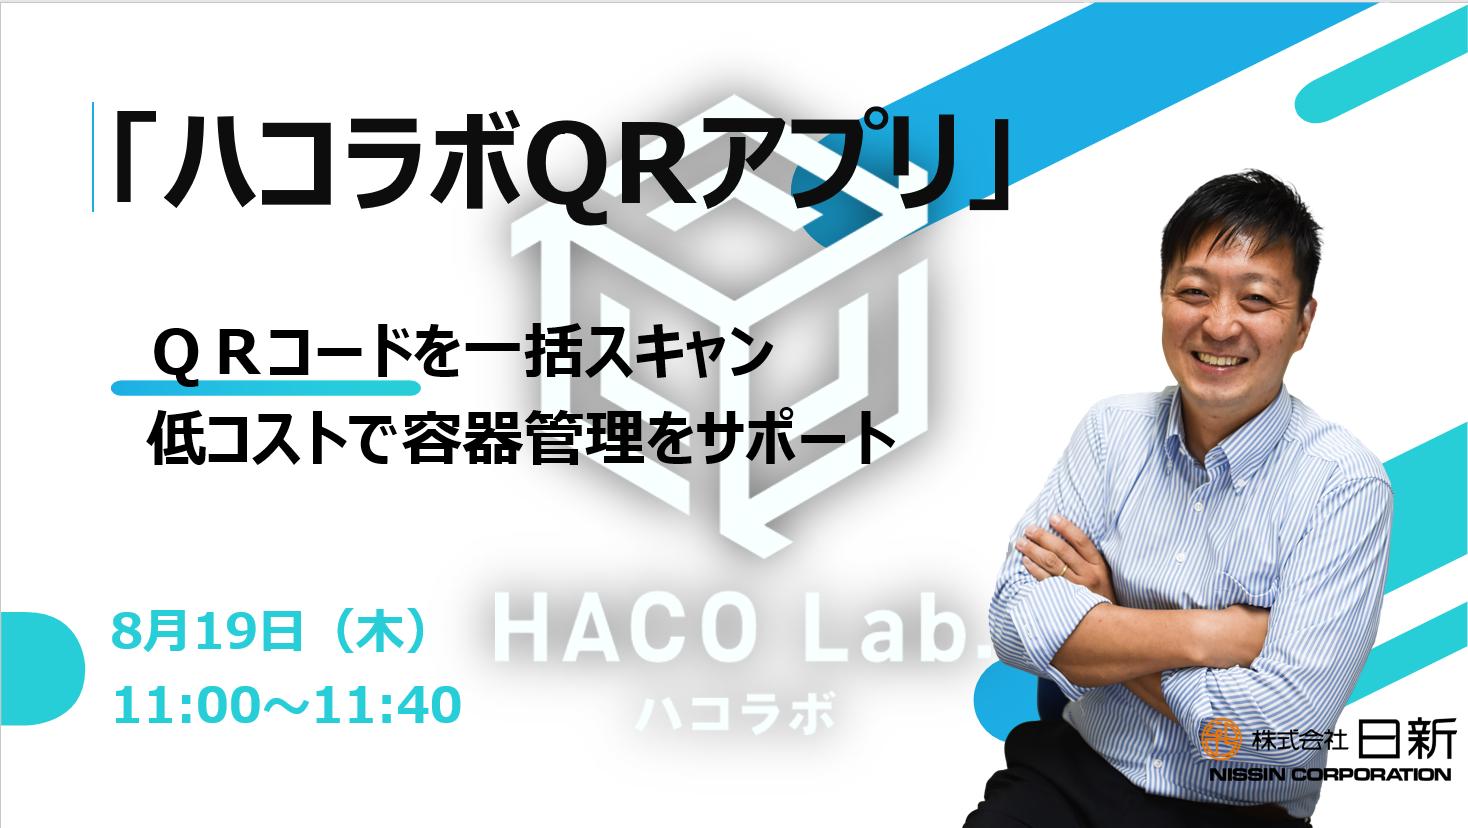 「ハコラボQRアプリ」 低コストで容器管理をサポート